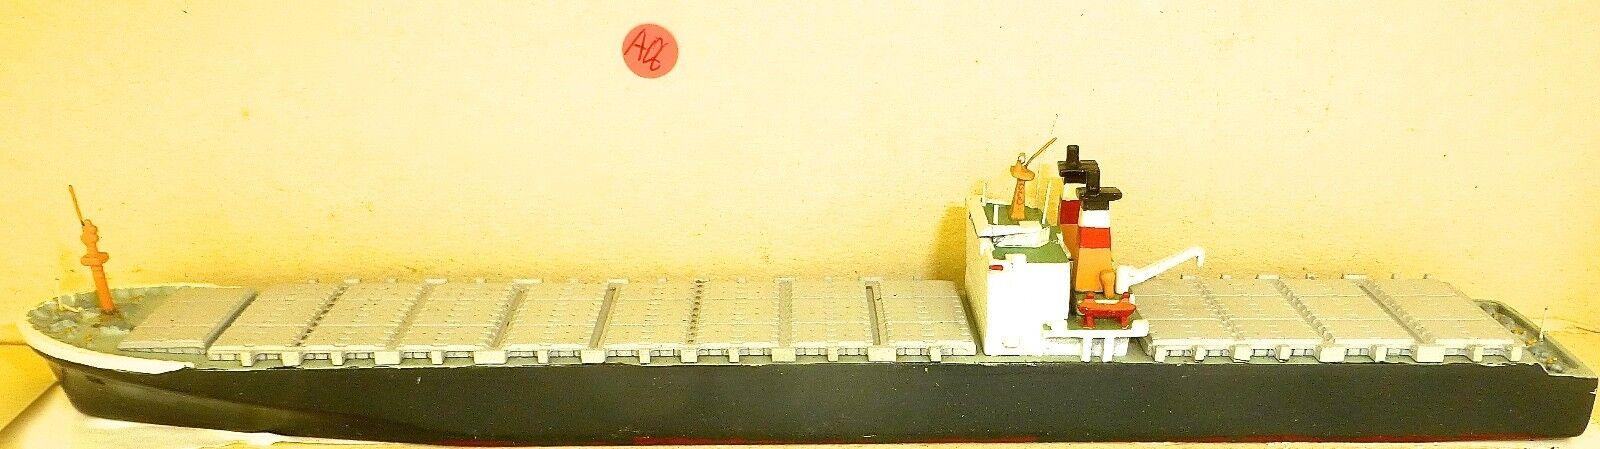 Mcs Transvaal Hansa S363 Modèle de Bateau 1 1250 SHPA06 Å